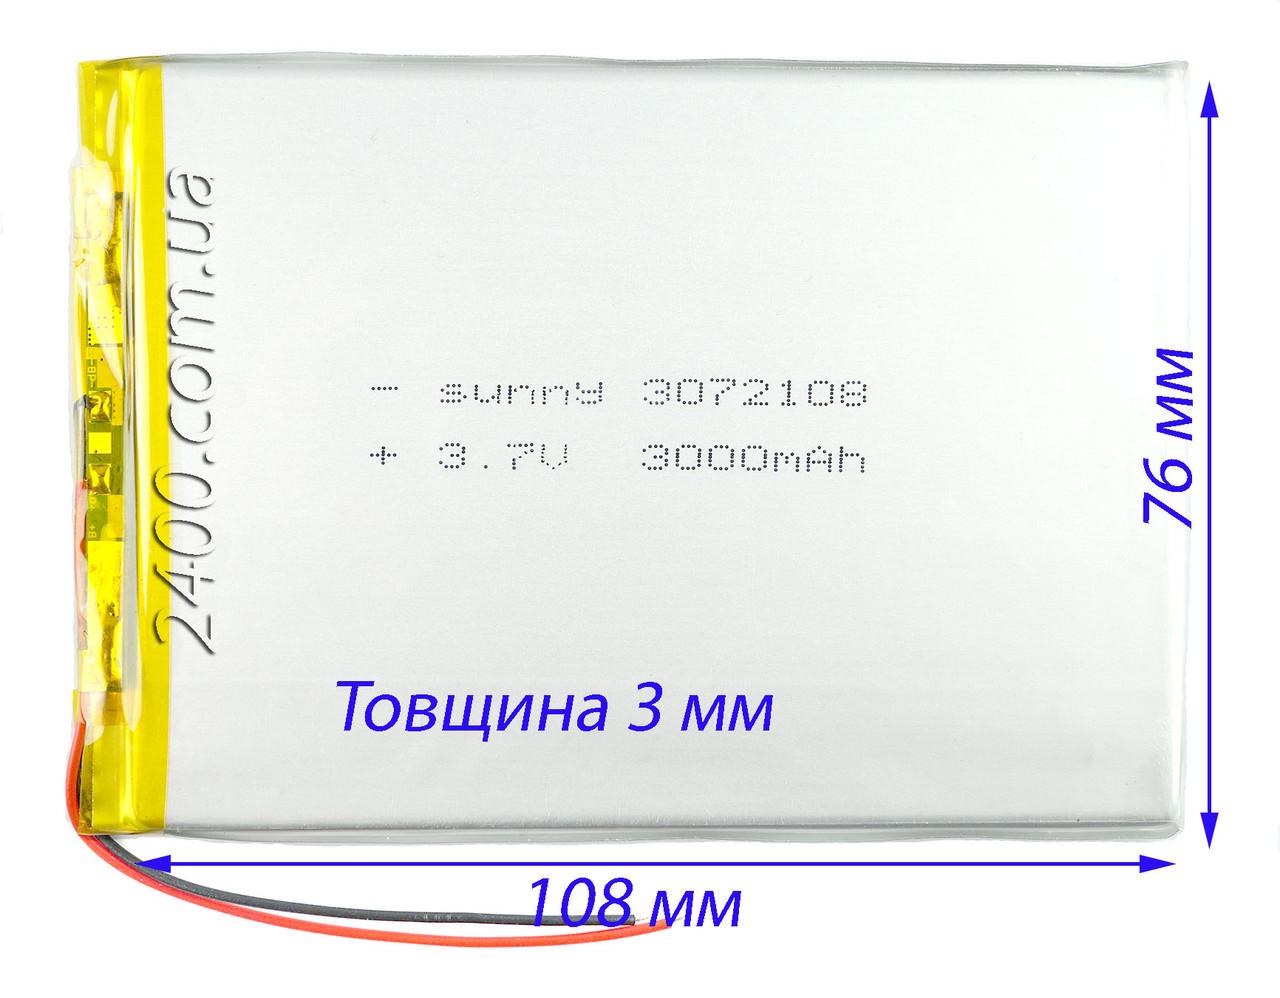 Аккумулятор (по размерам 3*76*108 мм) для планшета 3000 мАч 3072108 3,7 в универсальный  3.7v (3000 mAh)